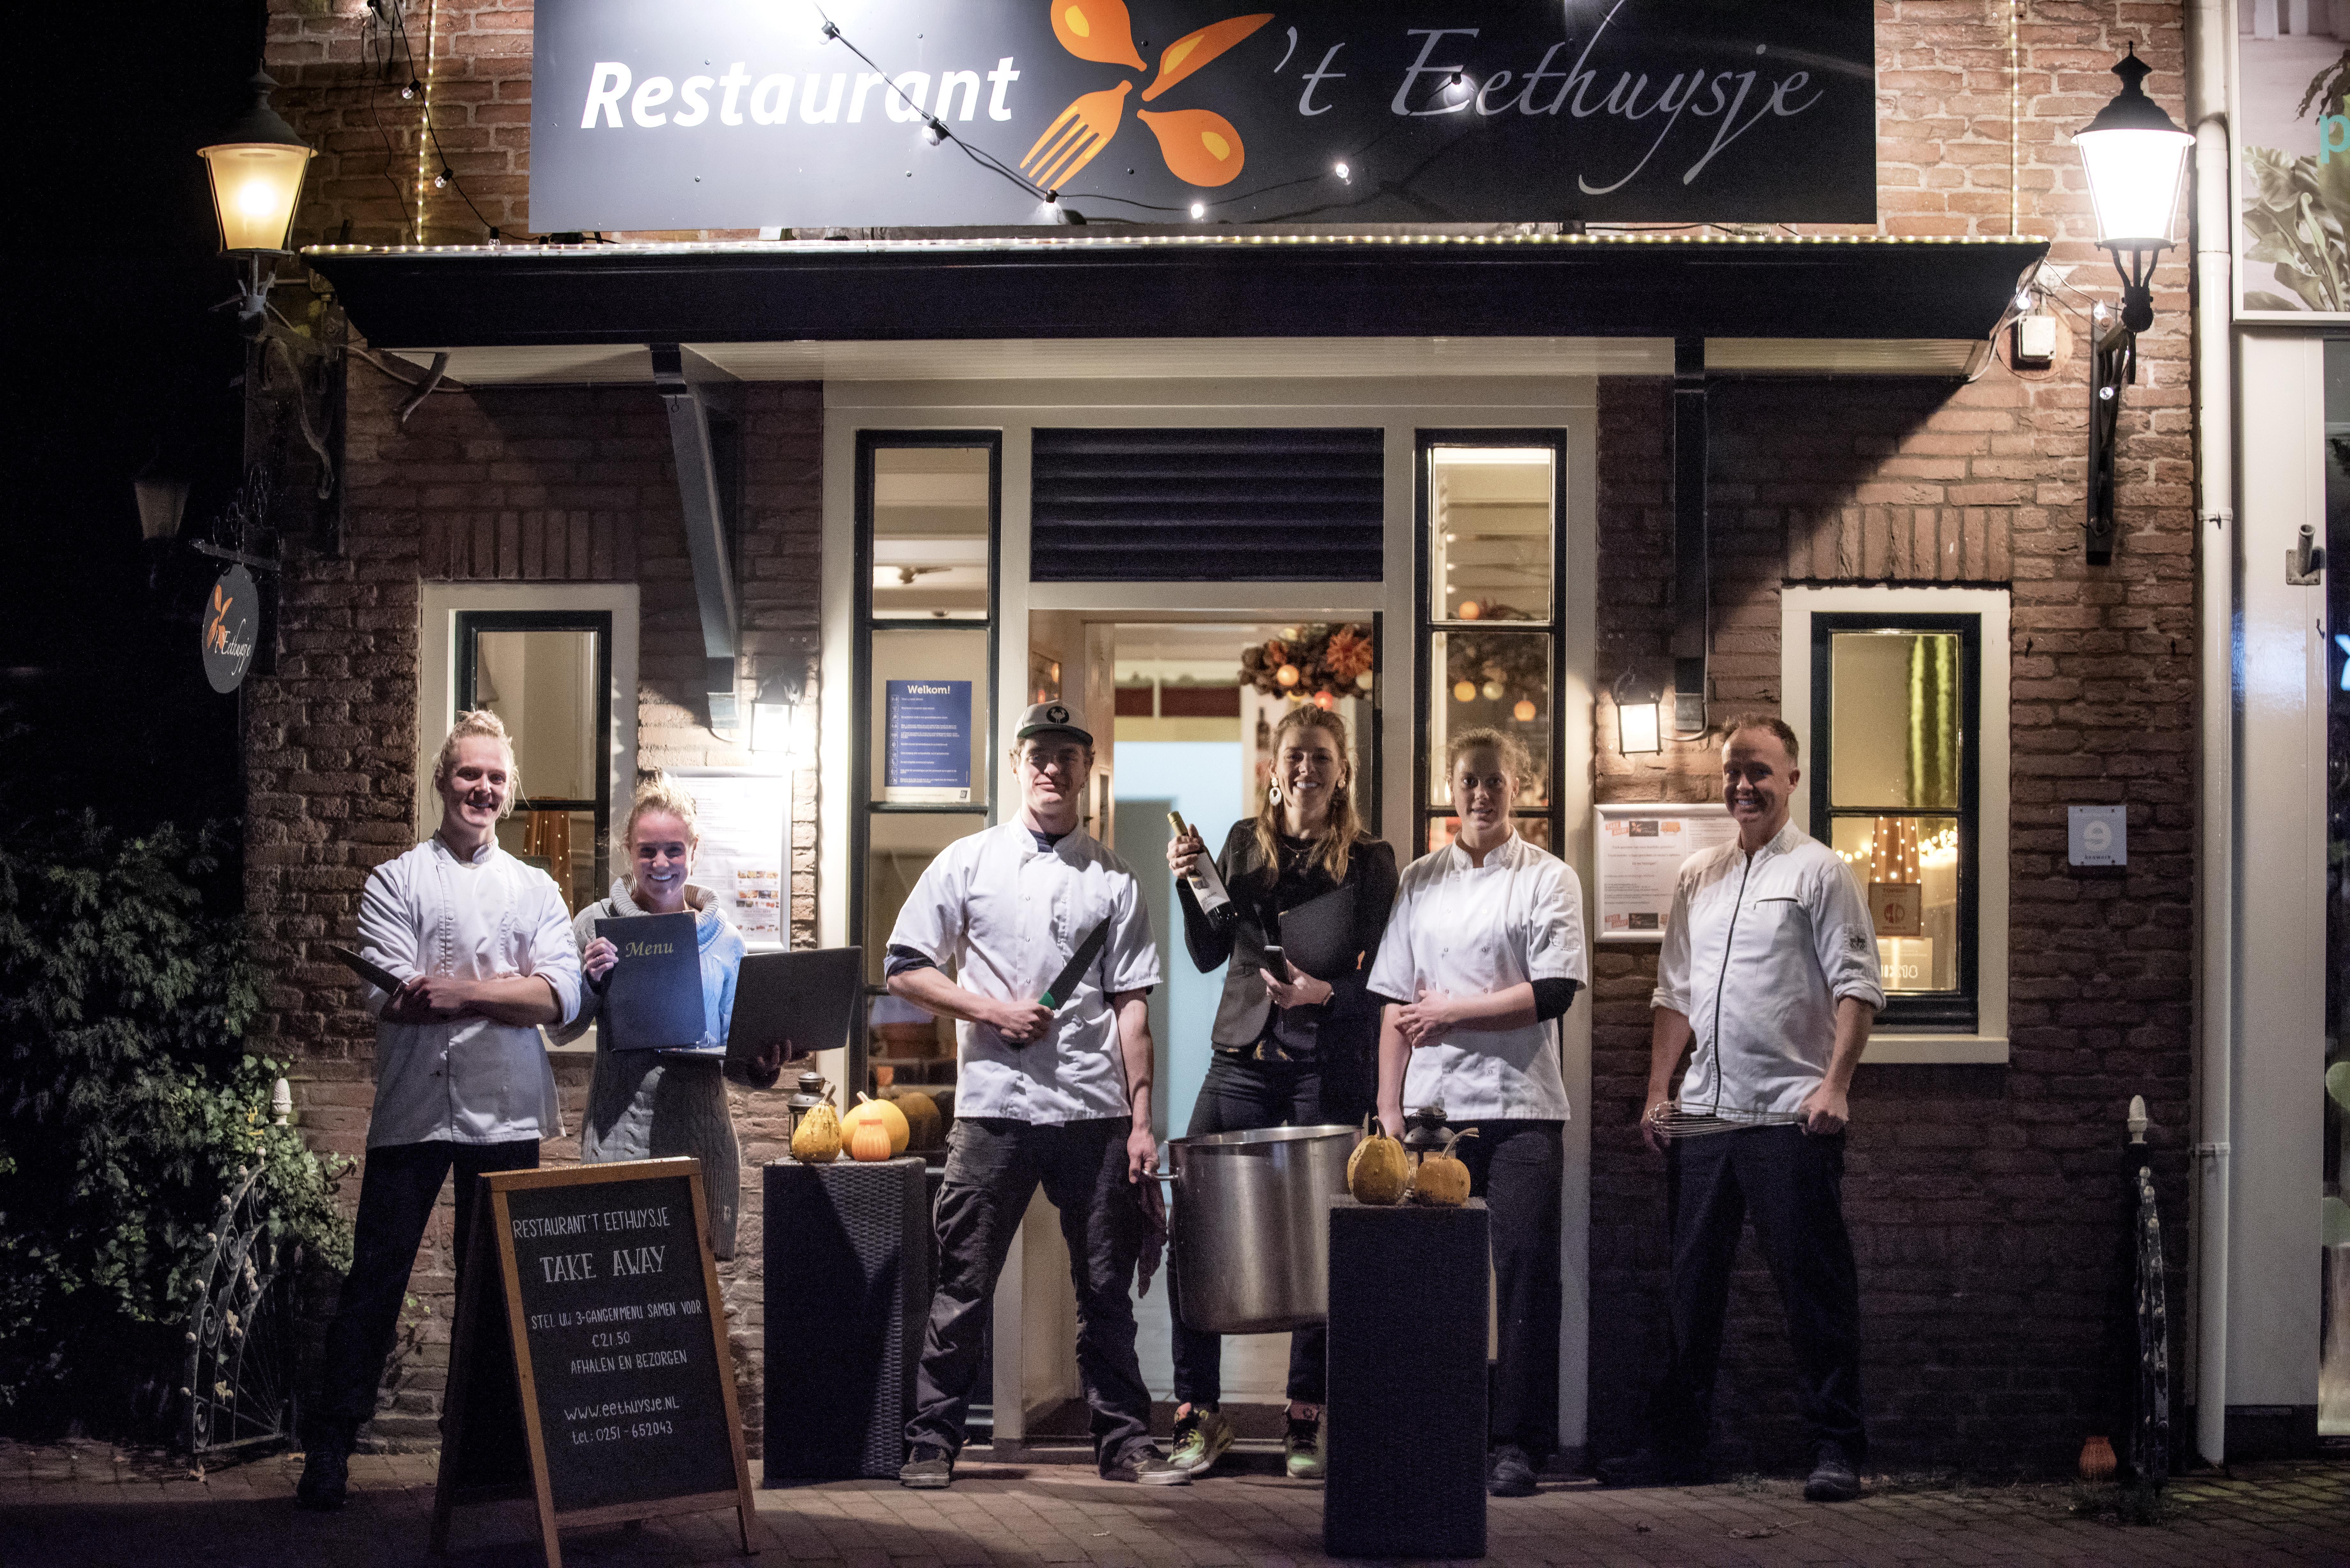 Restaurants in IJmond uitverkocht voor kerst: 'Precies berekend hoeveel menu's er in de koelcellen passen'